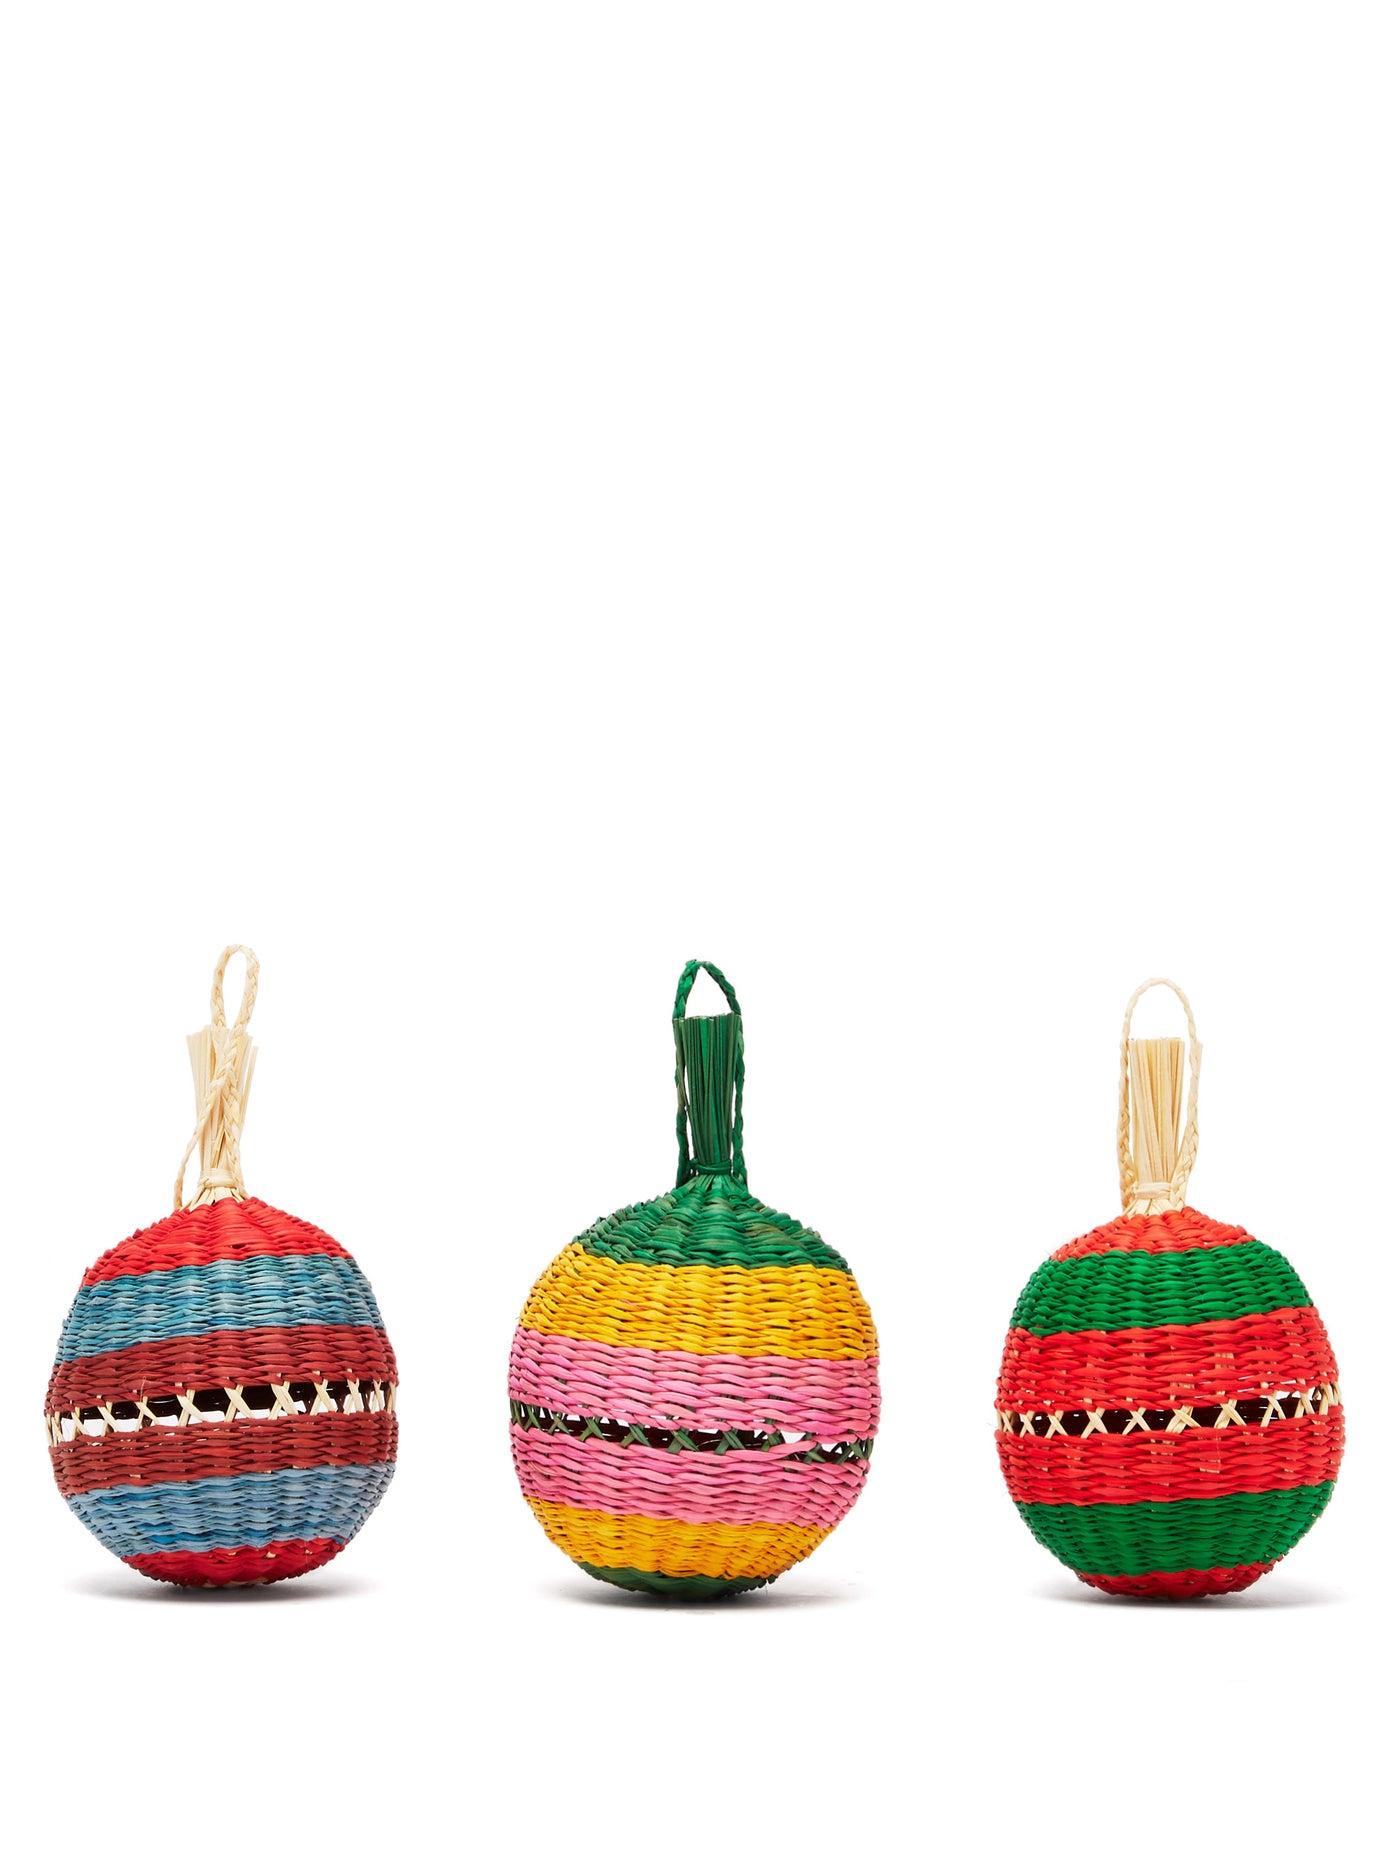 Коледни звънчета LaDoubleJ от JJ Martin, ръчно изработени в Мексико - шарени, весели, нужни за идеалната Коледа! Цена: 120 лв.